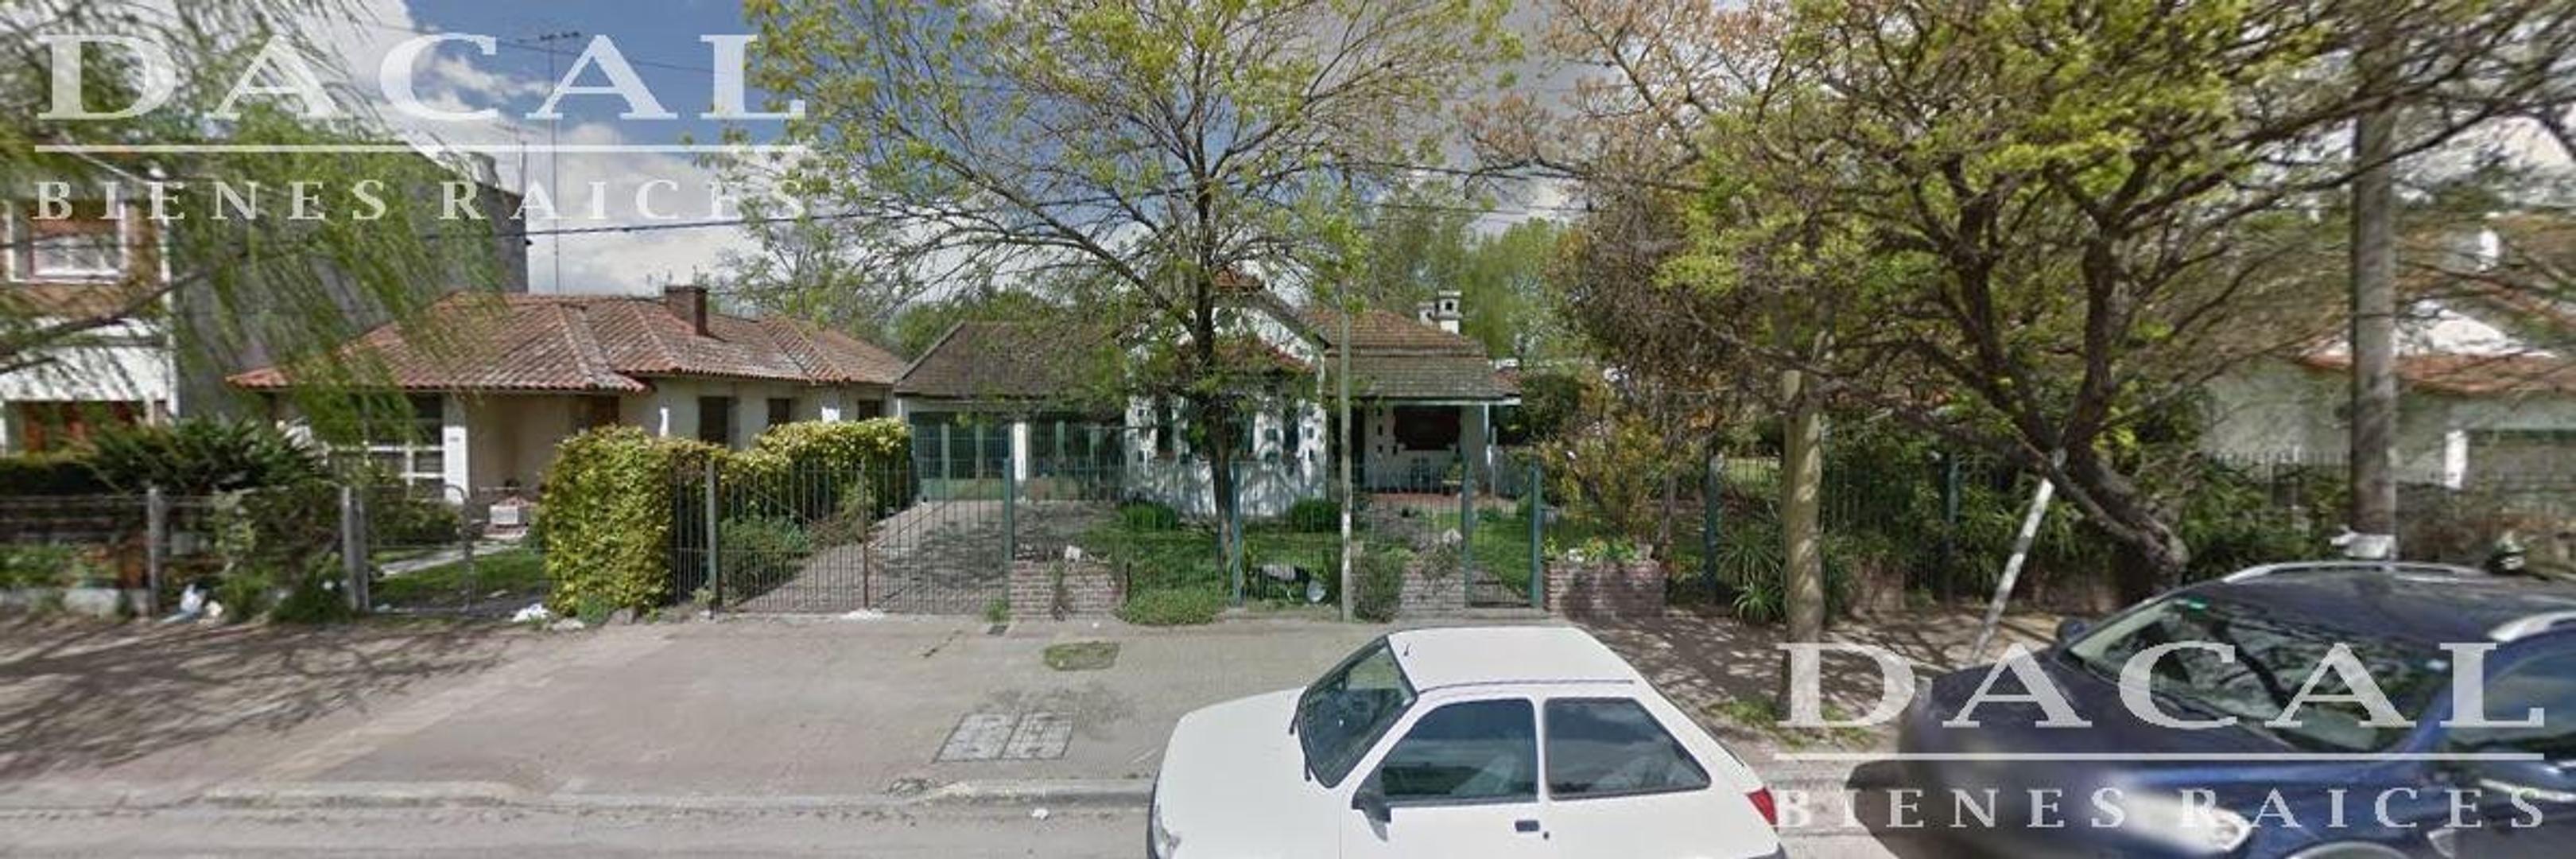 Casa en venta en City Bell Camino Centenario e/ 471 y 472 Dacal Bienes Raices